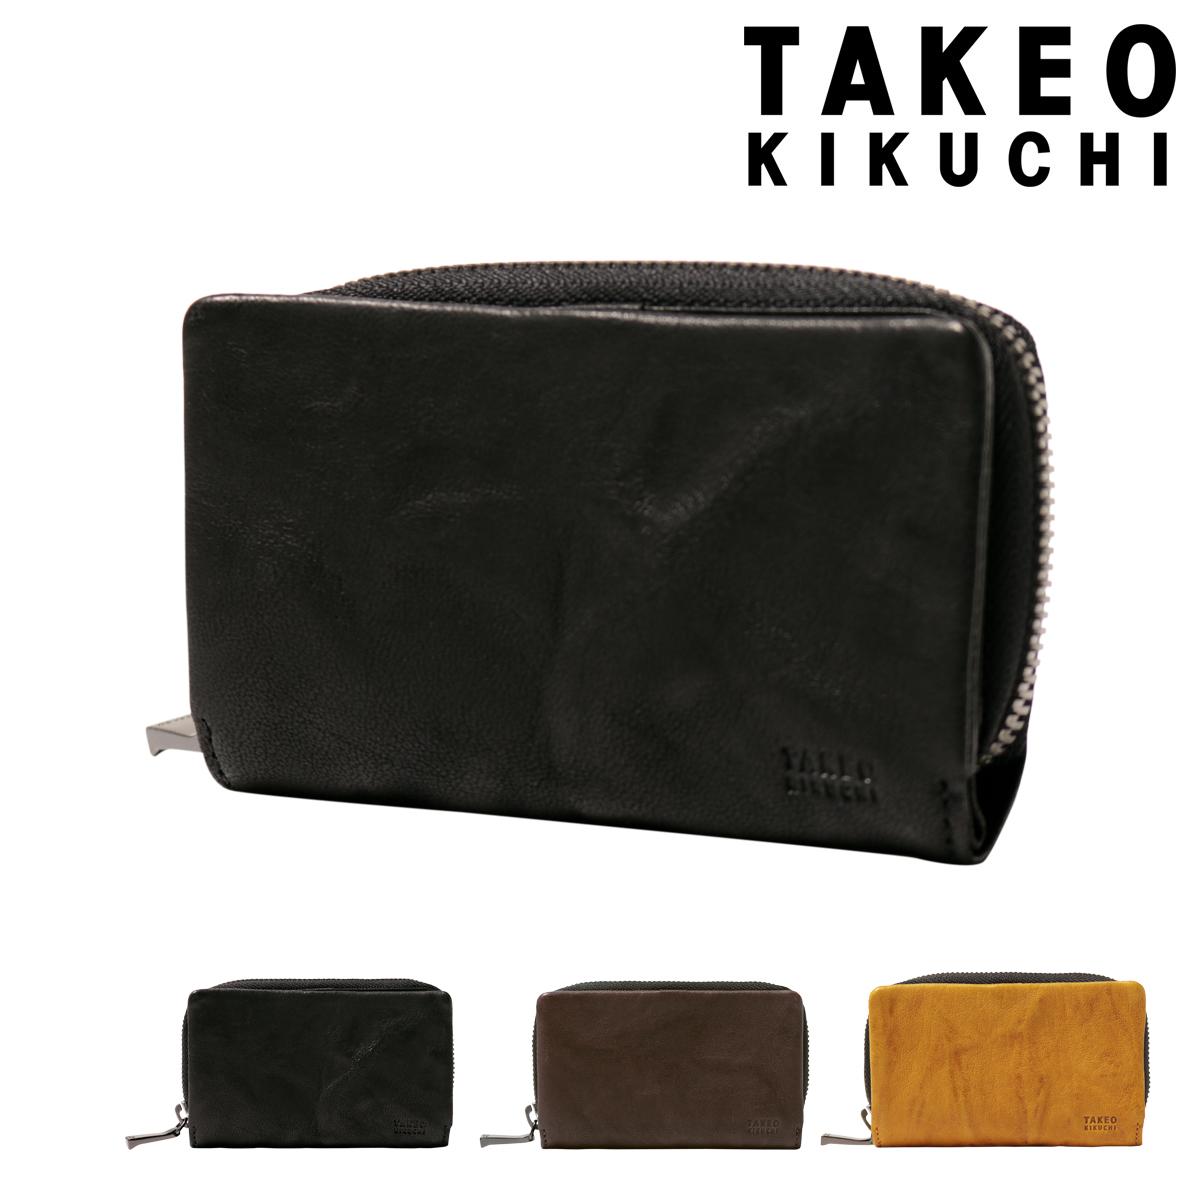 タケオキクチ キーケース オイスター メンズ 720622 TAKEO KIKUCHI   本革 羊革 レザー